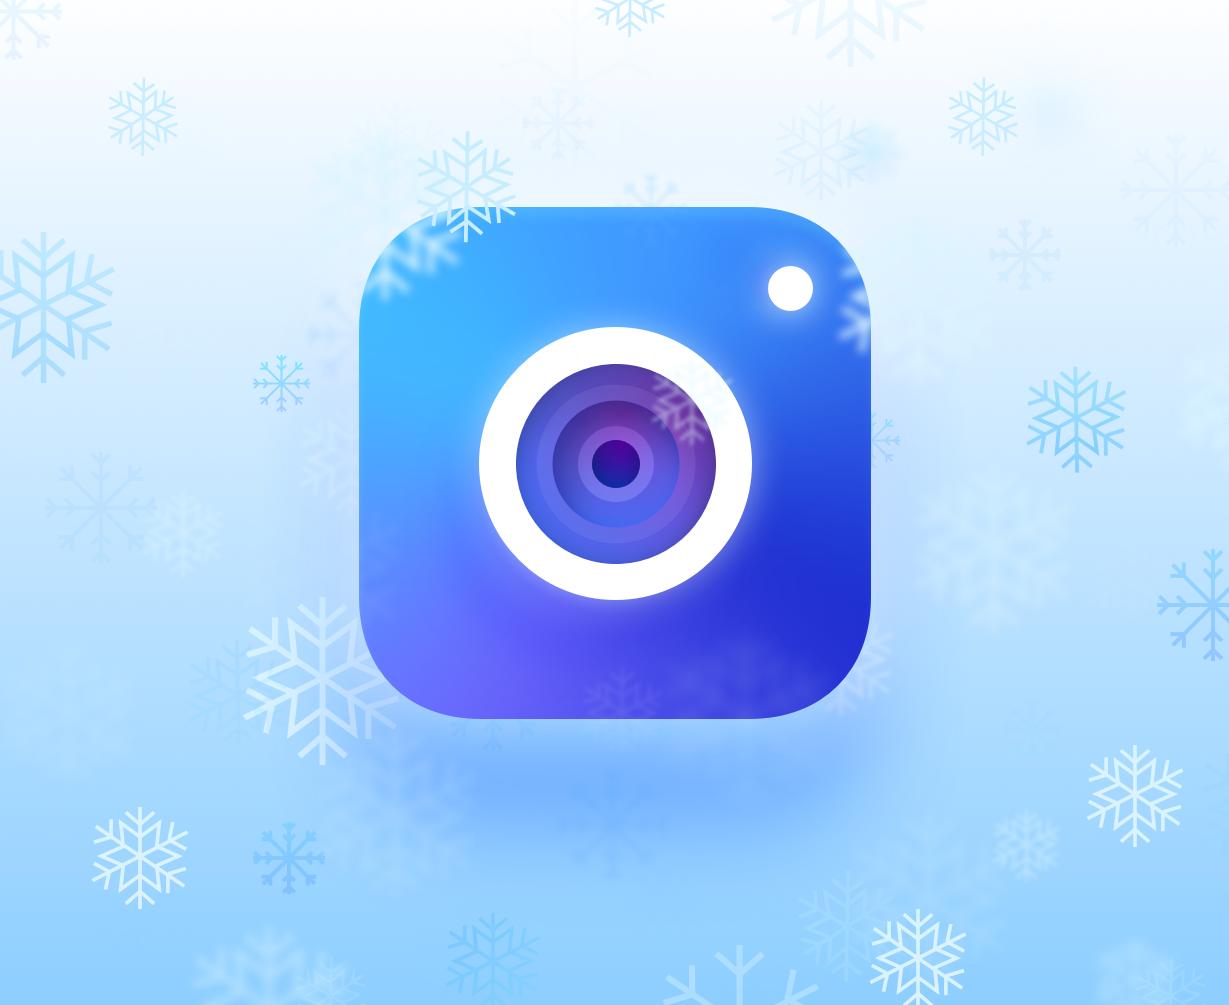 Cameraapp icon